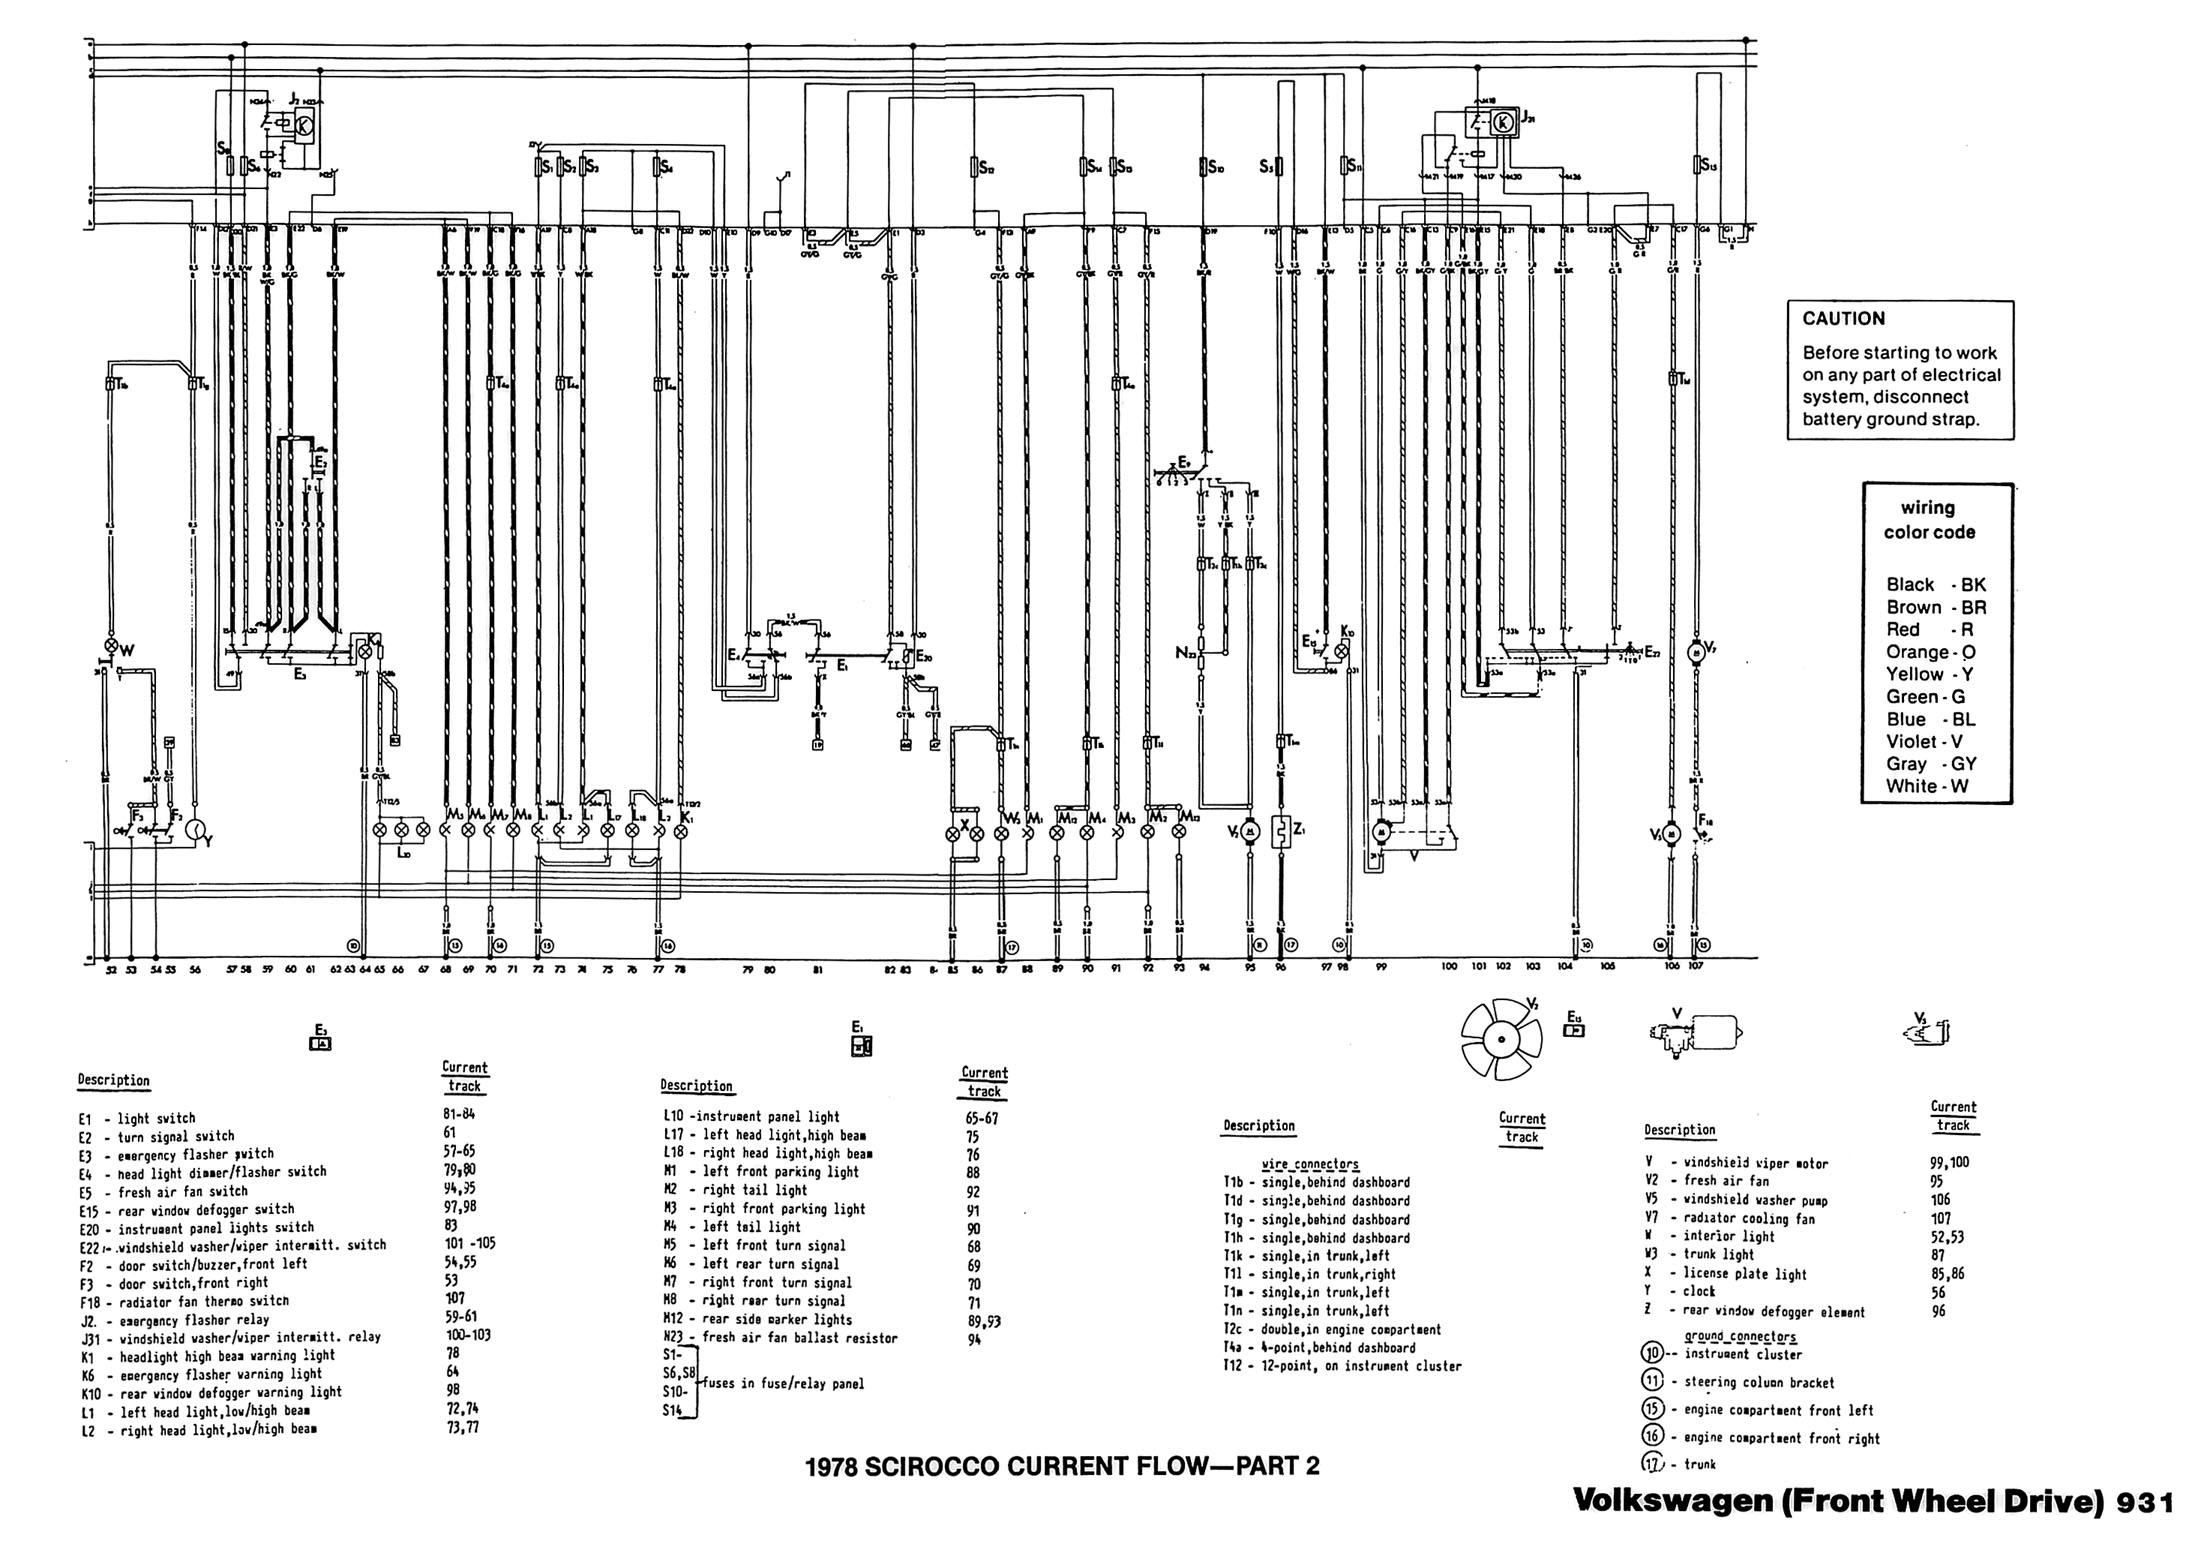 Scirocco Wiring Diagram